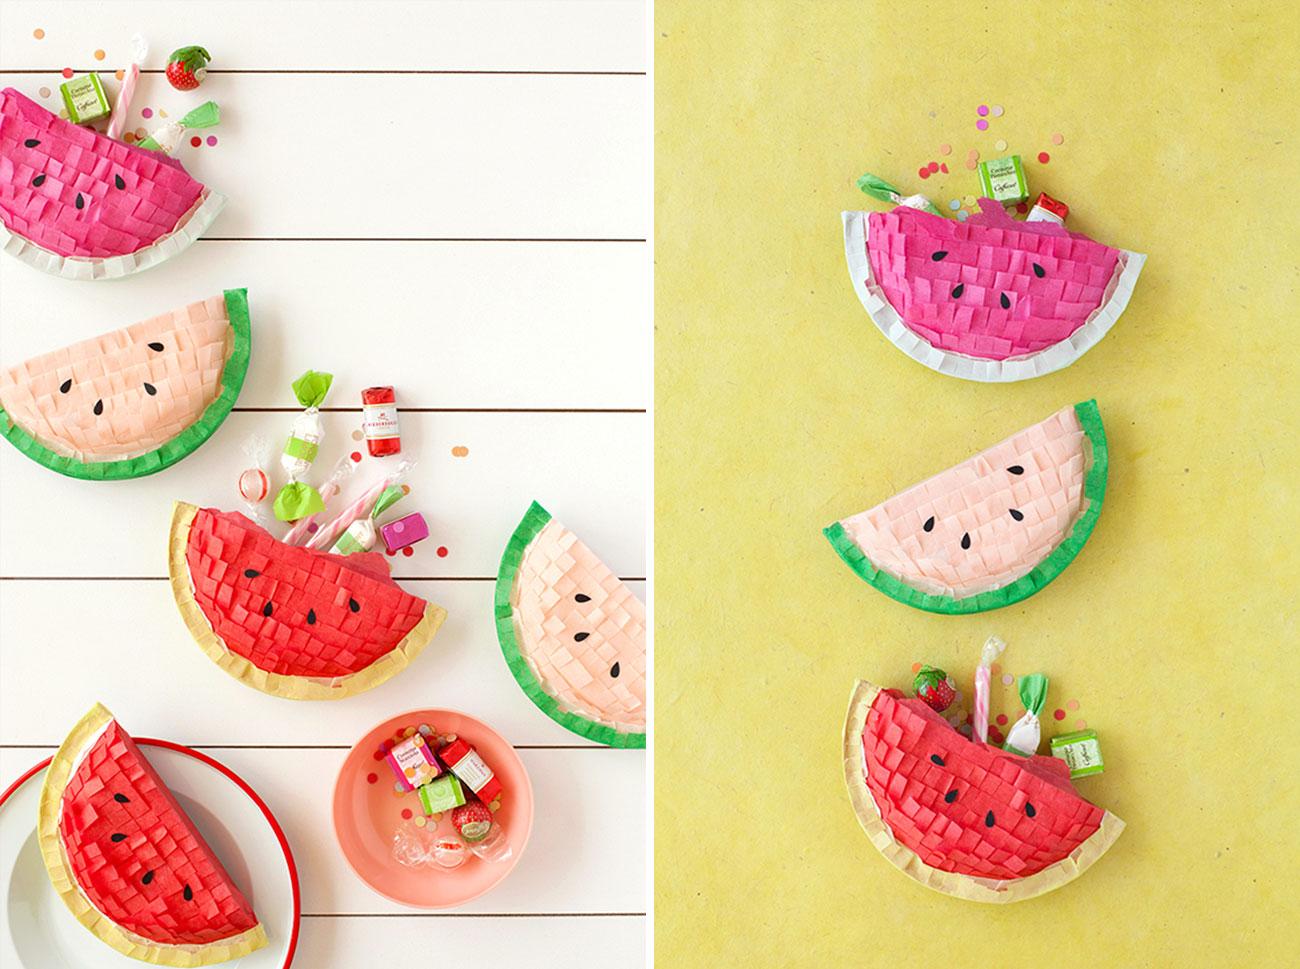 DIY watermelon piñatas favors